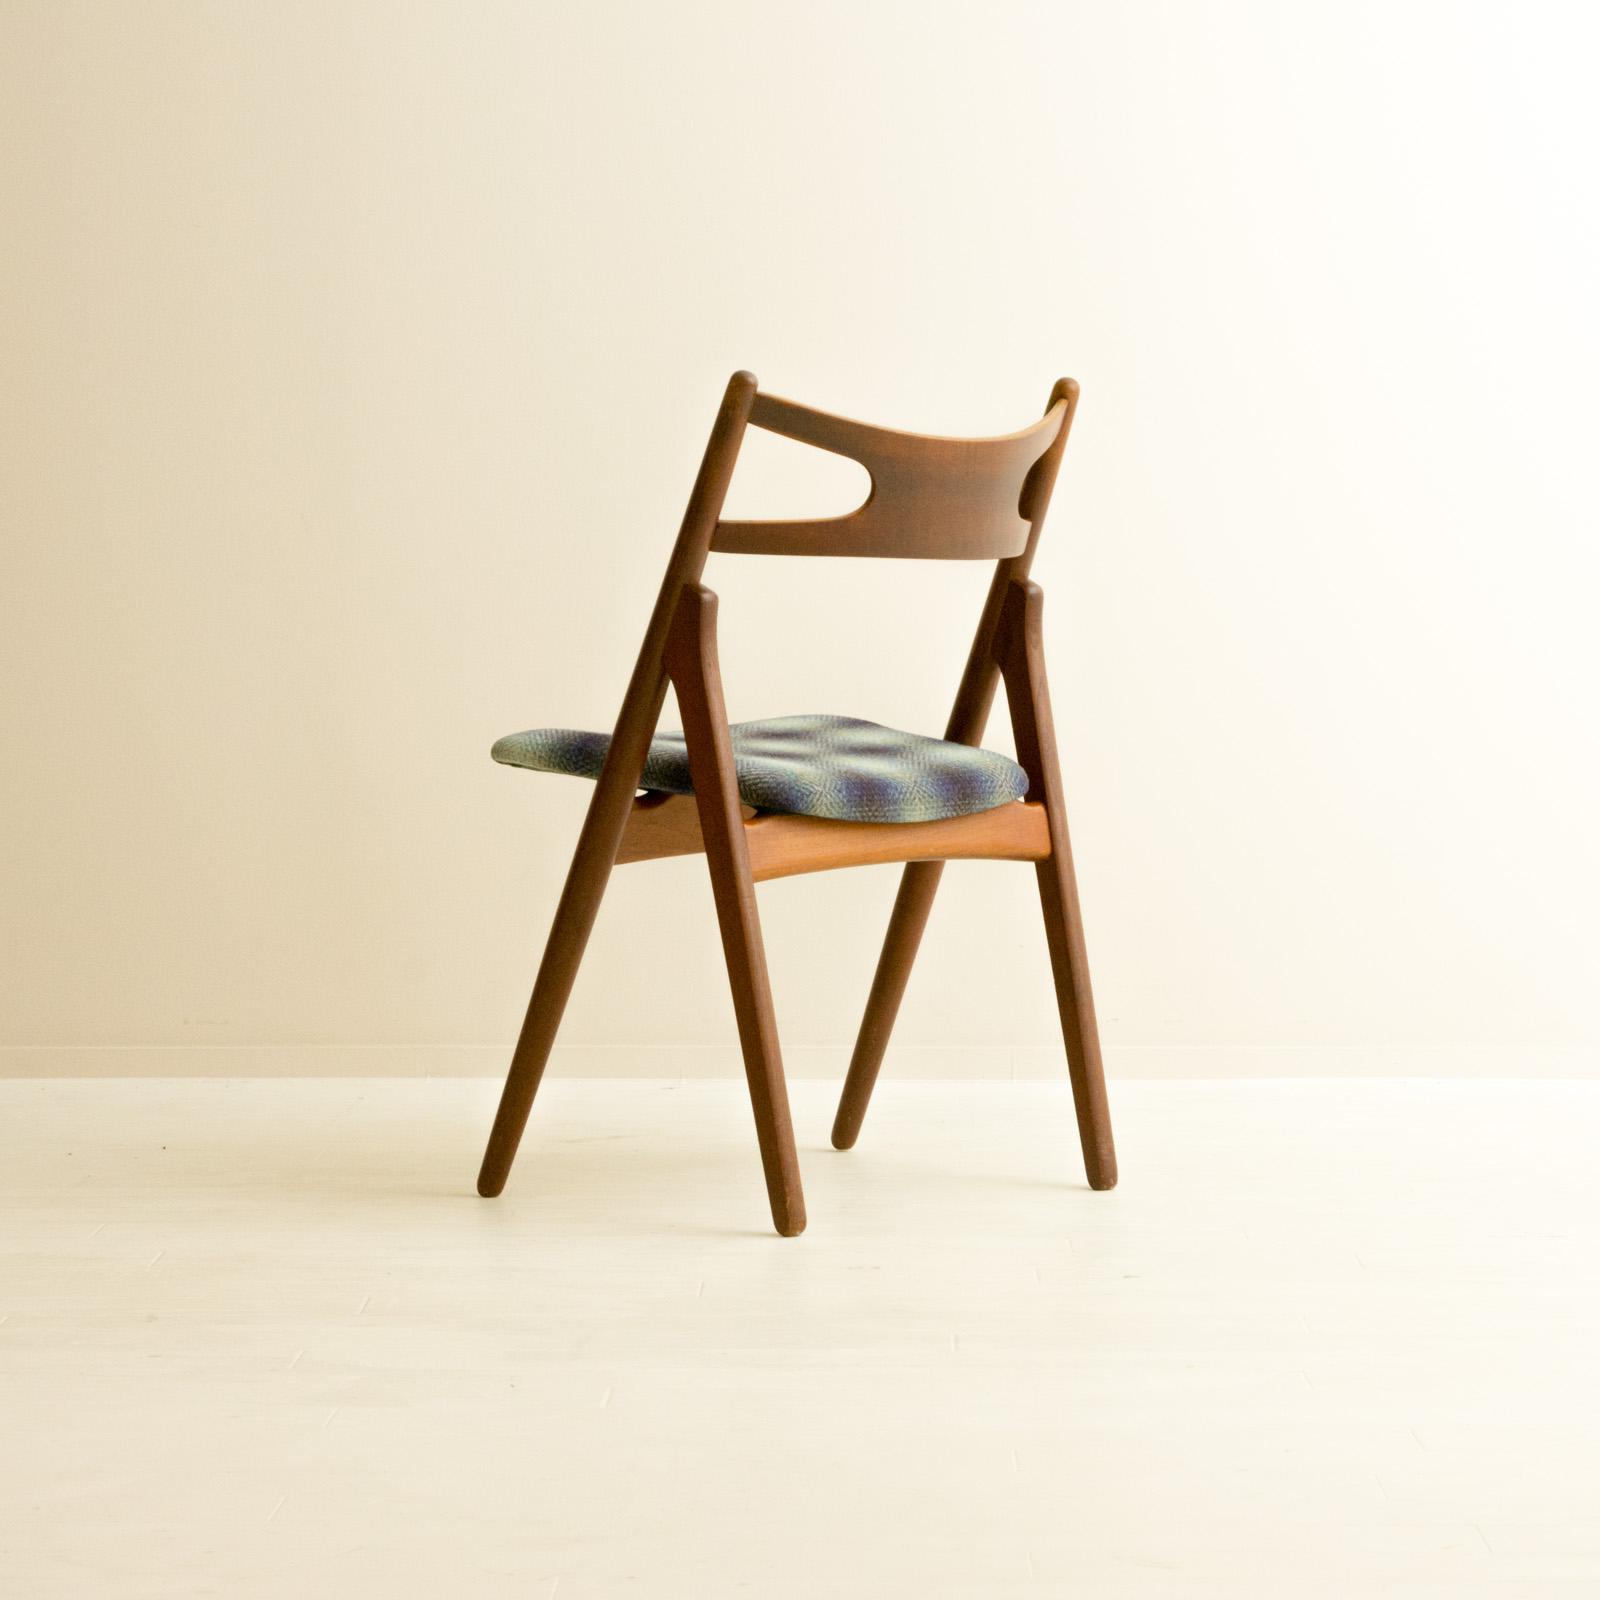 【2脚セット】CH29 Dining Chair by Hans J Wegner